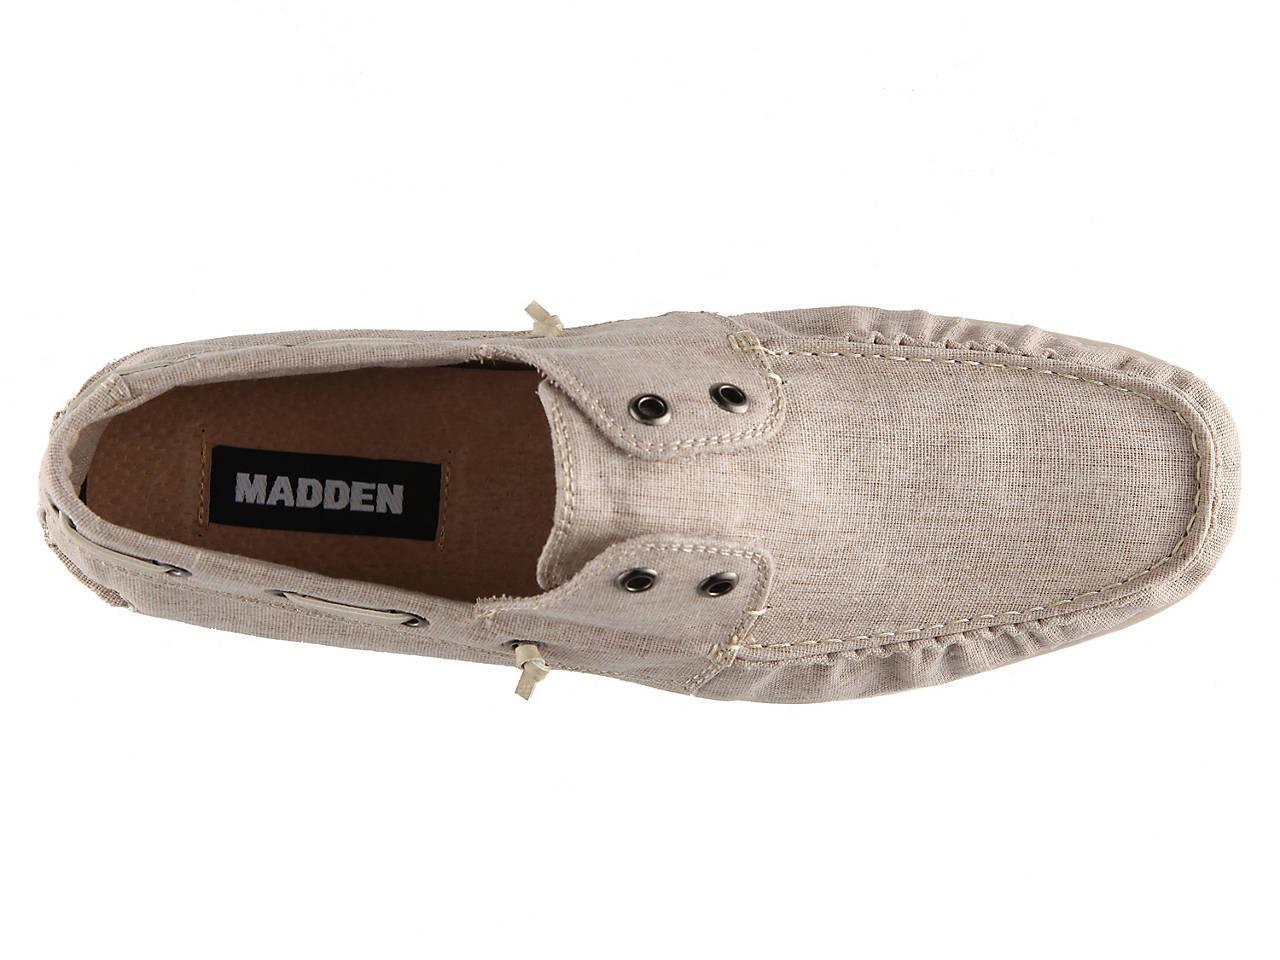 73675d39471 Steve Madden Glide Boat Shoe Men s Shoes